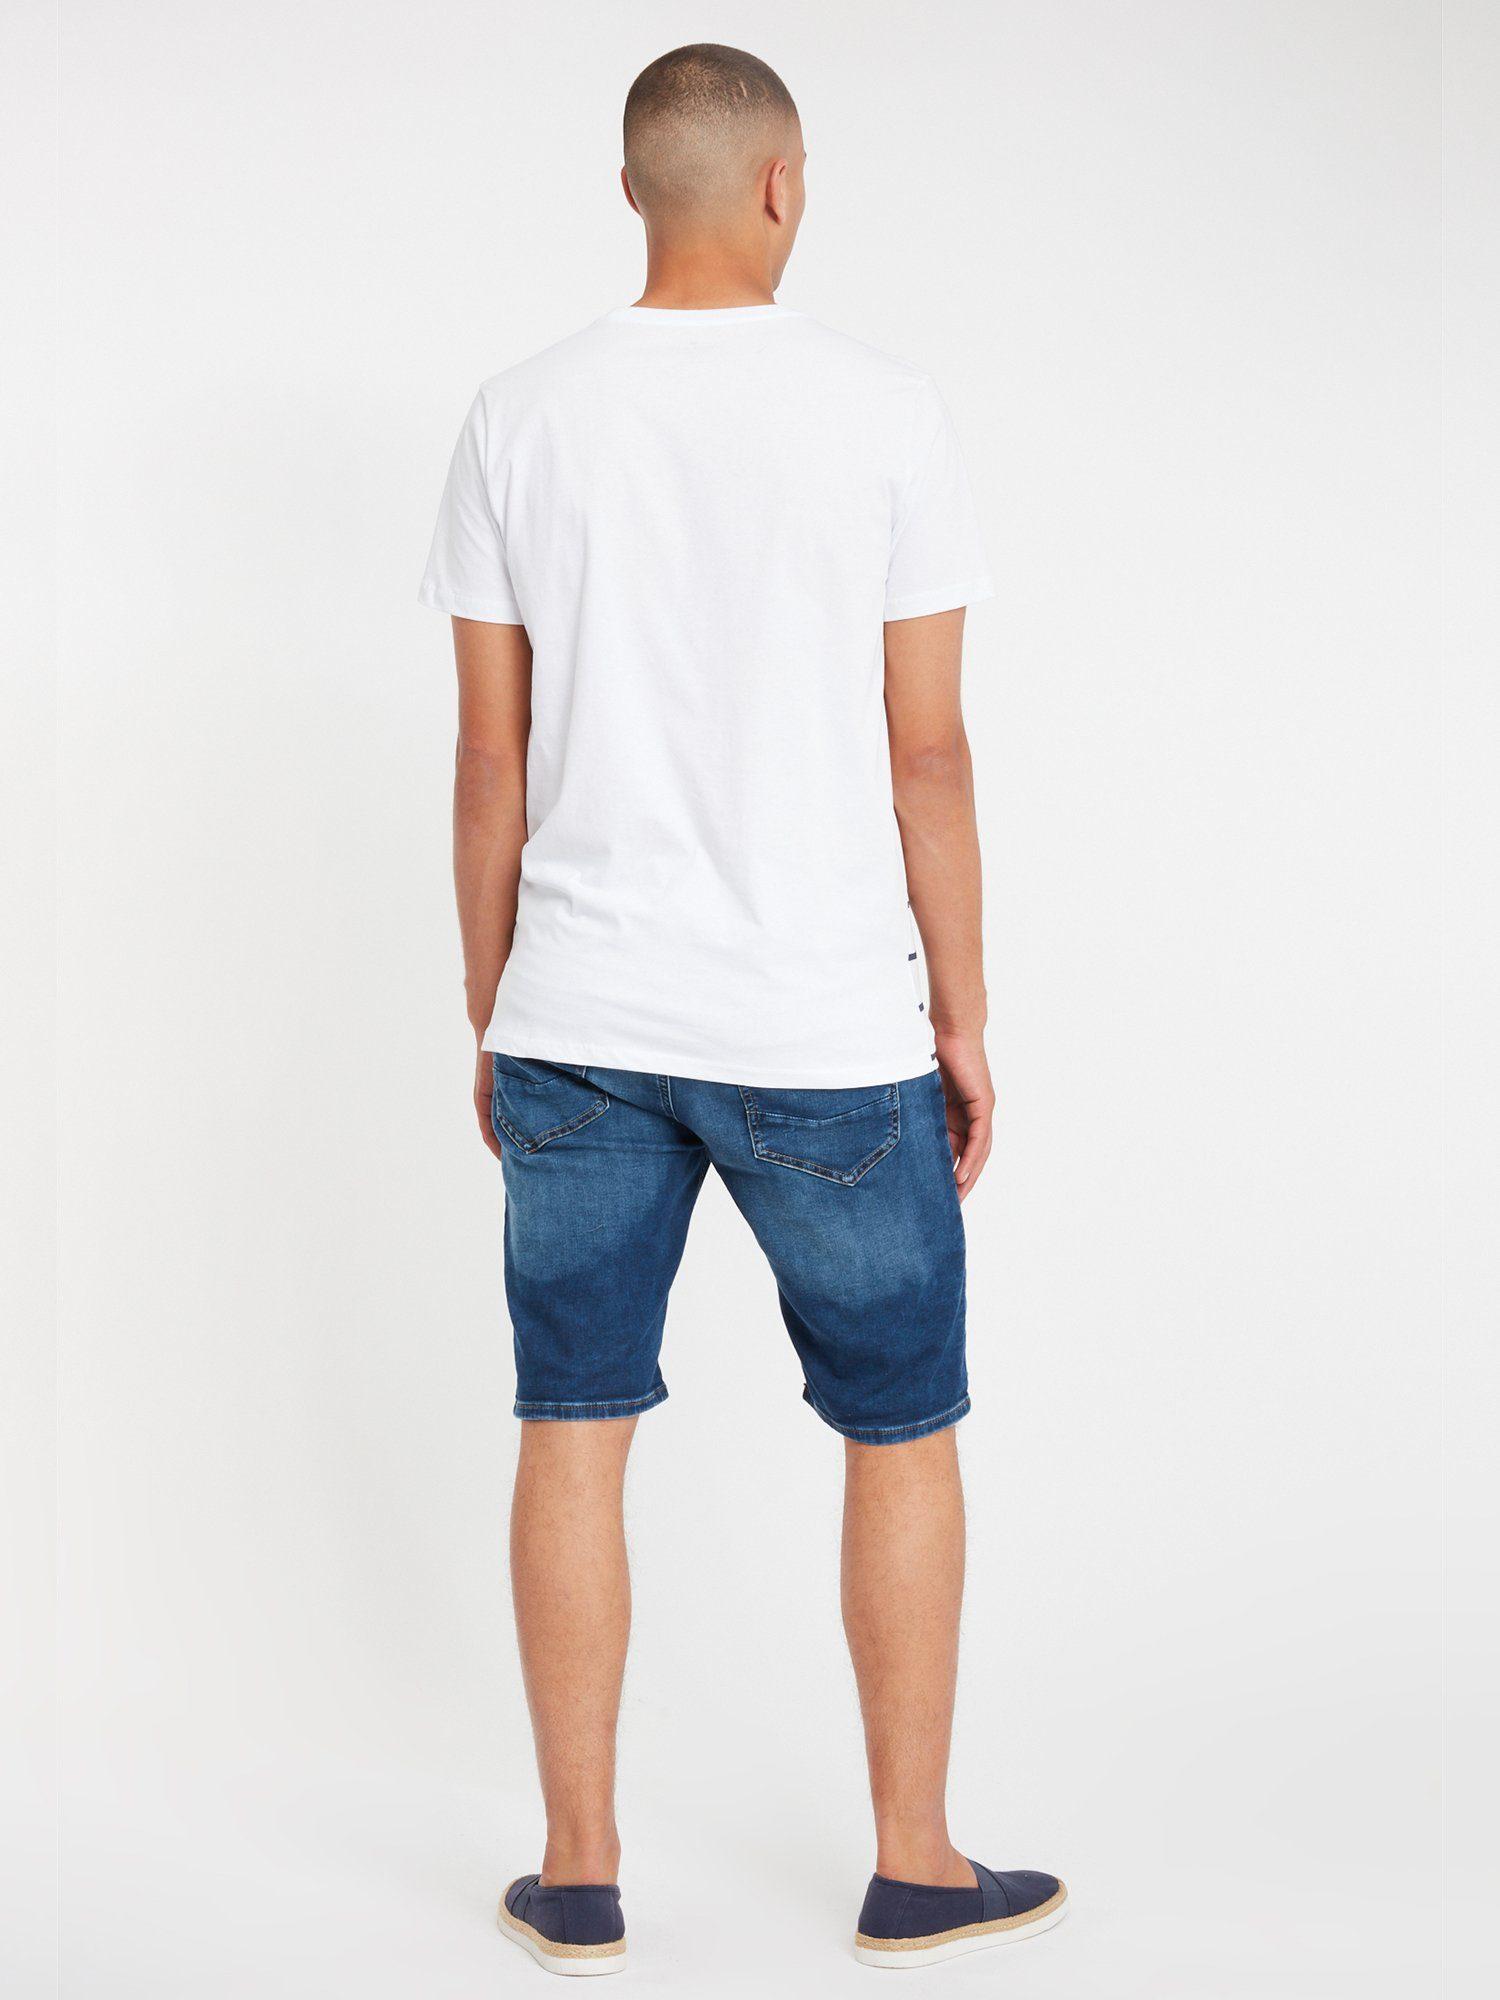 Cross Jeans T-shirt 15552 Makkelijk Gevonden - Geweldige Prijs